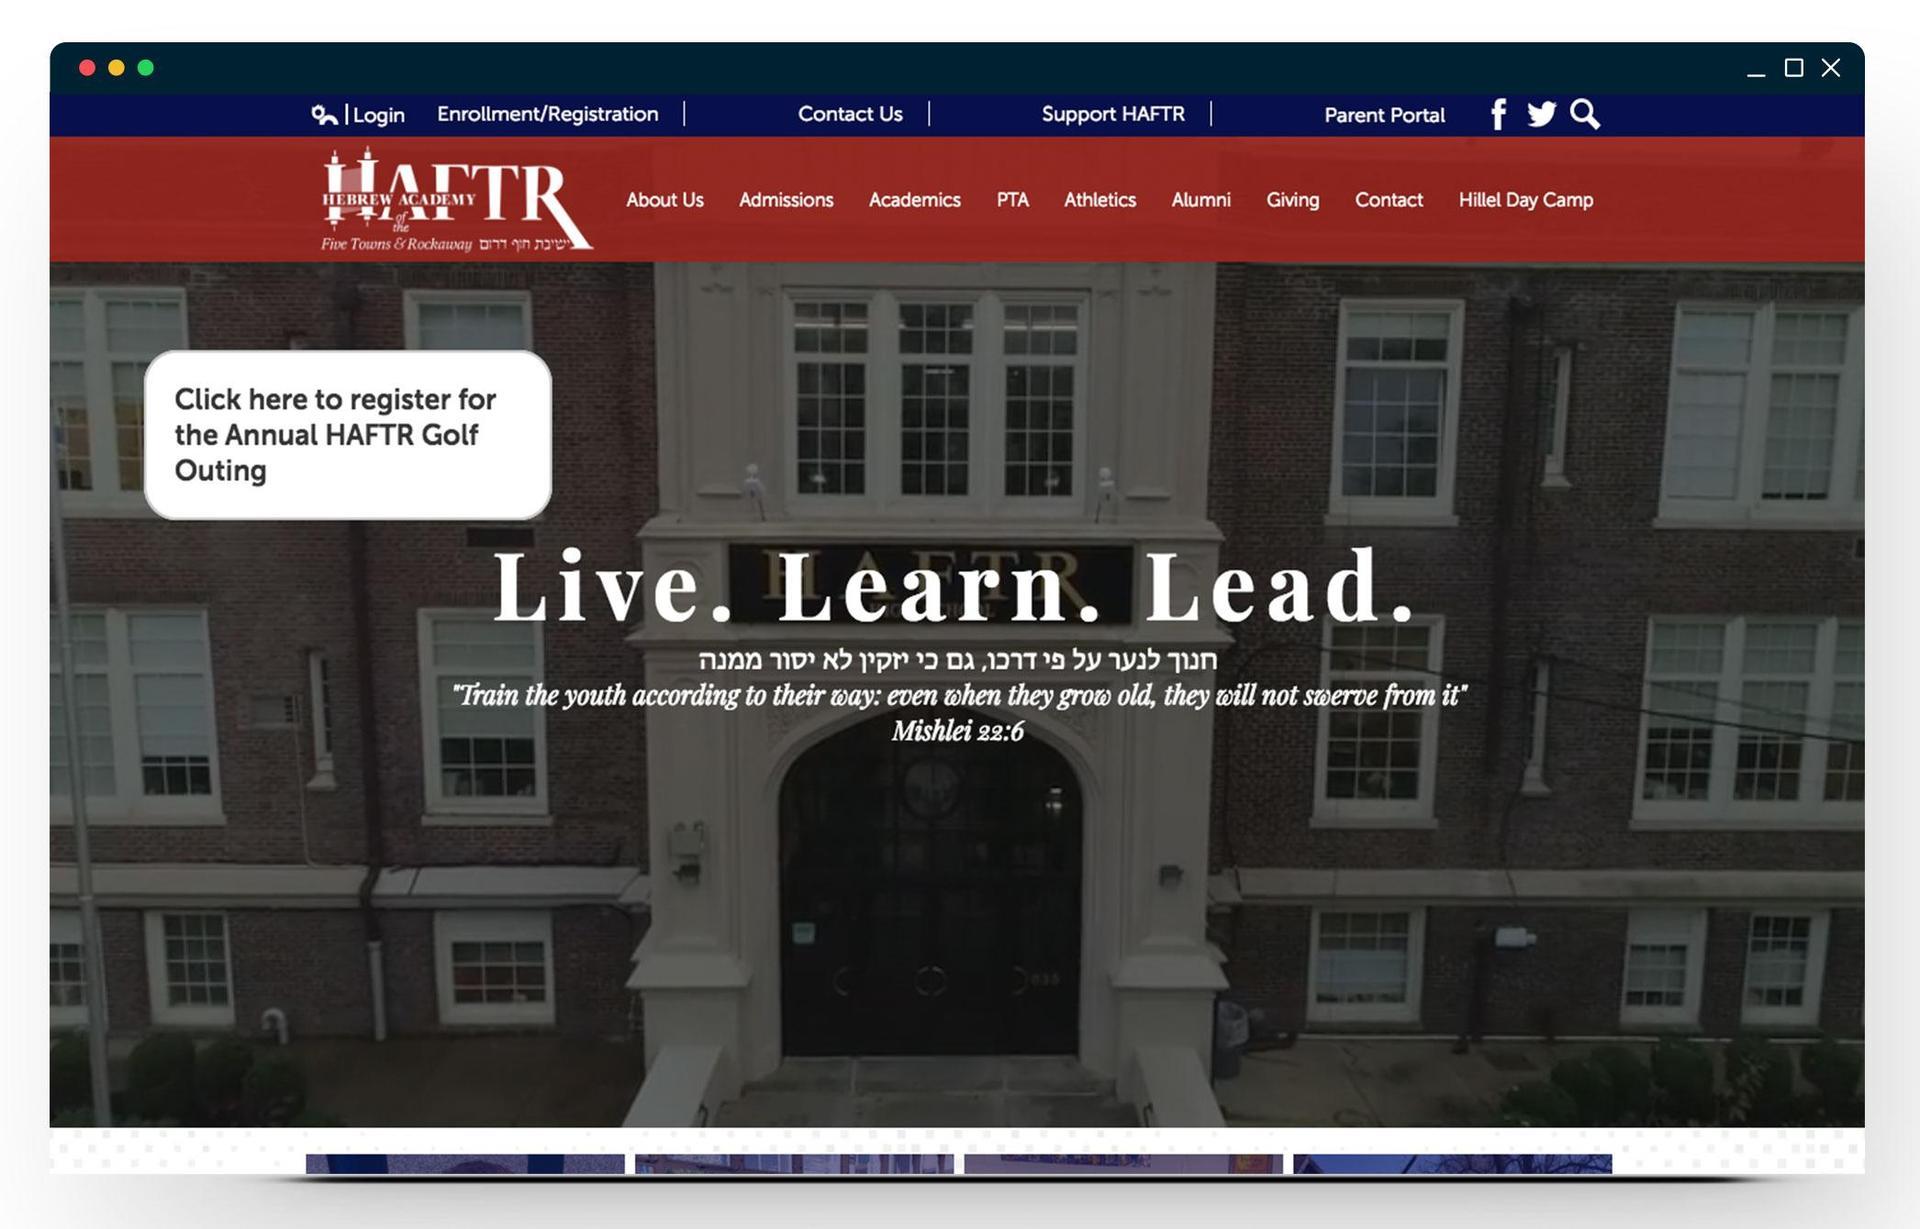 HAFTR homepage